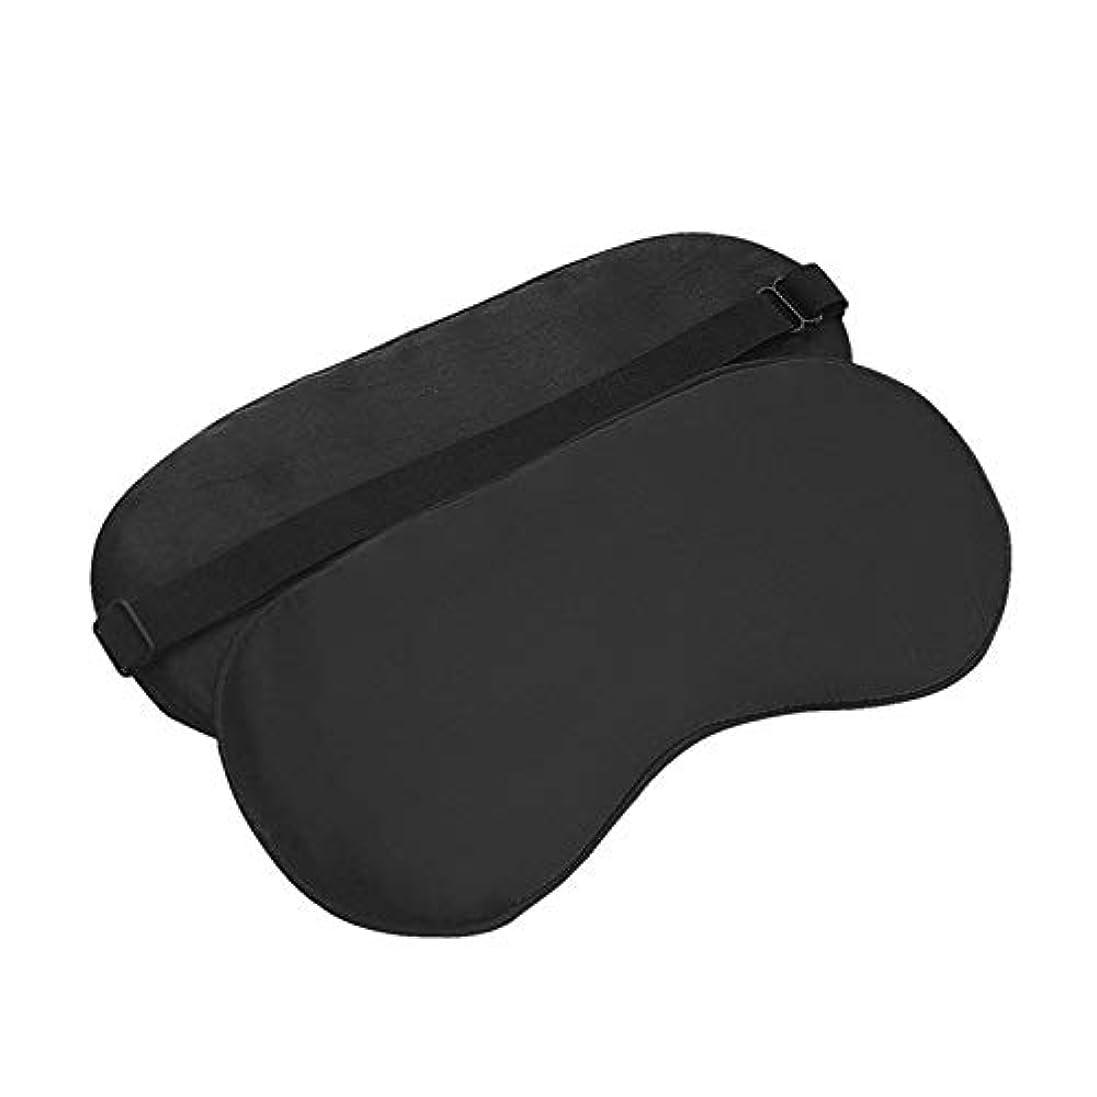 注釈を付けるに負ける記念碑NOTE シルク模造睡眠マスクアイカバー調節可能な包帯アイパッチ用睡眠シェード目隠し睡眠目ナイトマスクslaapmasker